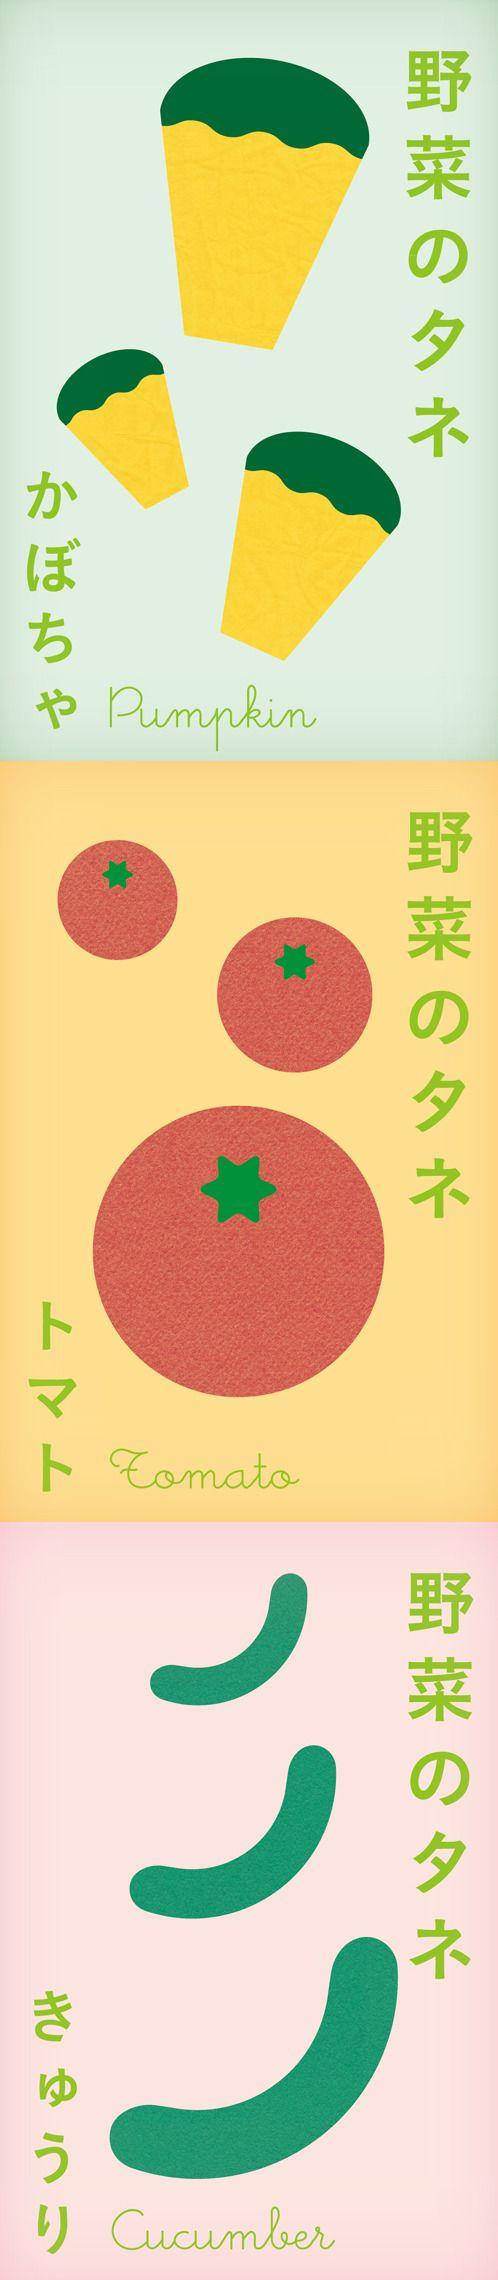 Seed Packets - Tadashi Ueda